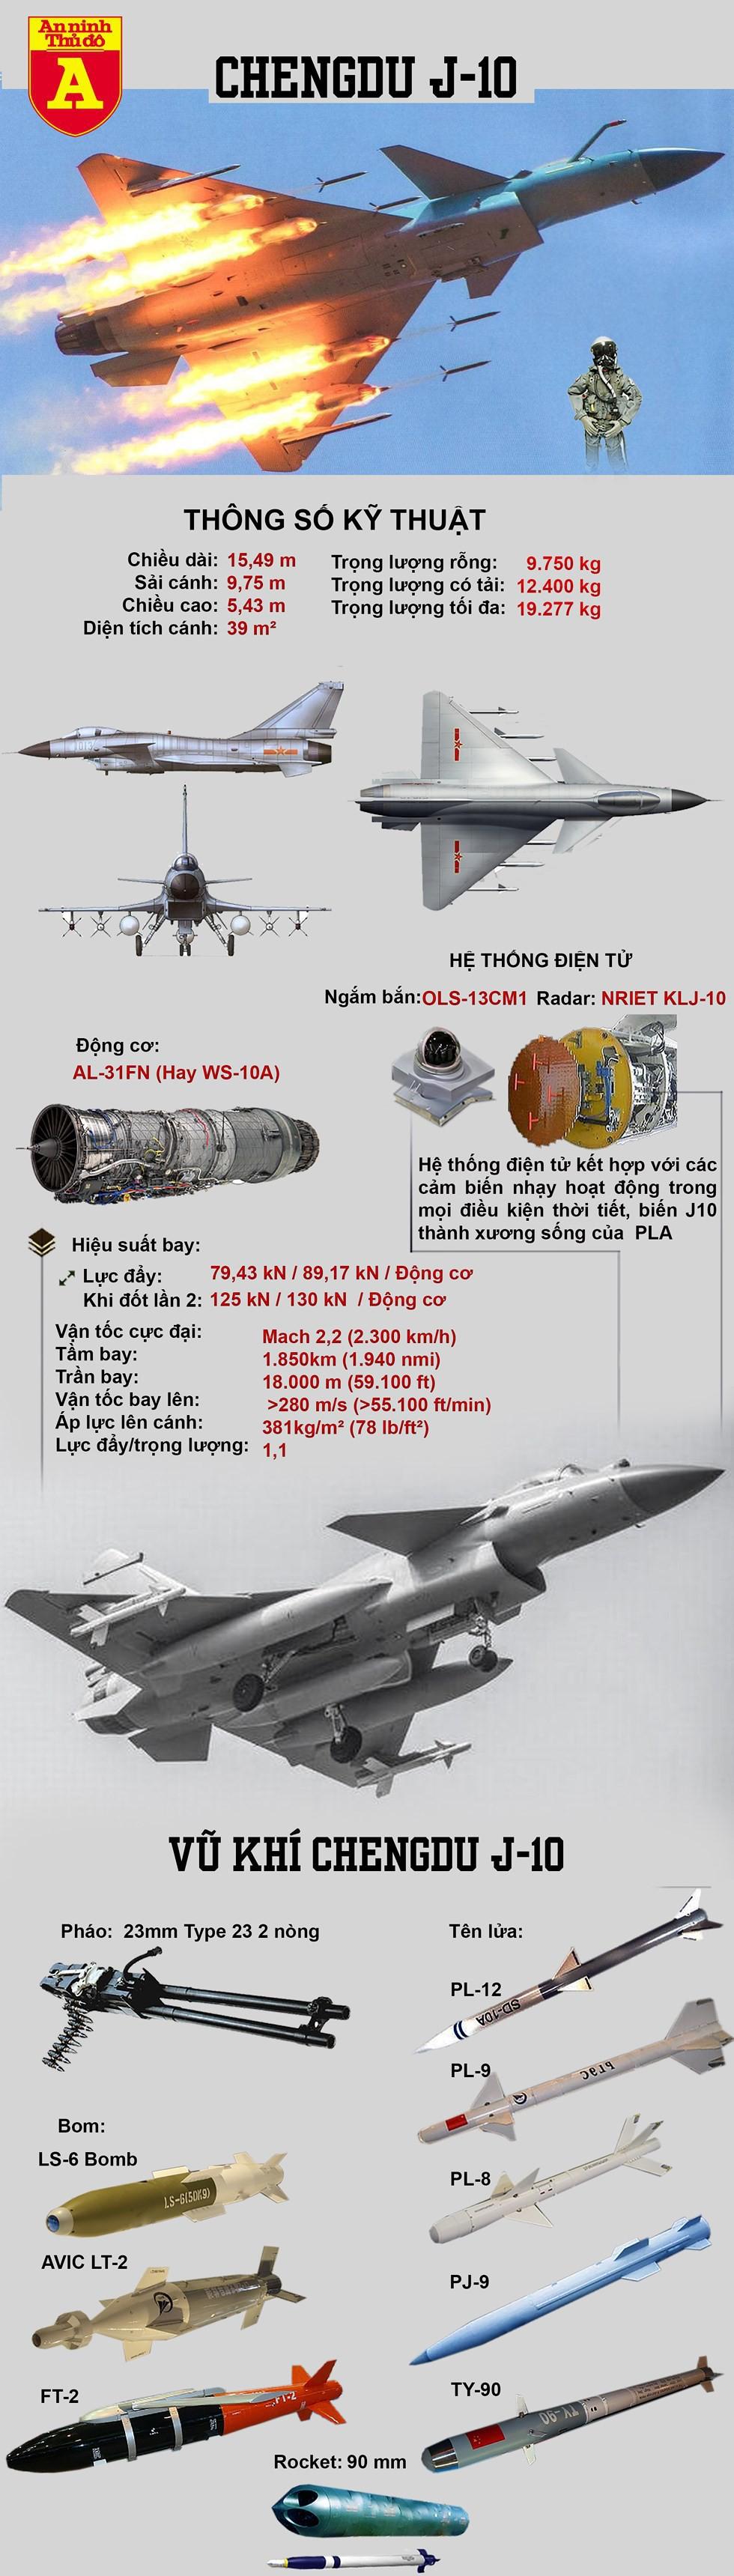 [Infographics] Bất ngờ Trung Quốc cho 40 tiêm kích J-10 áp sát biên giới Ấn Độ từ ngả Pakistan - Ảnh 1